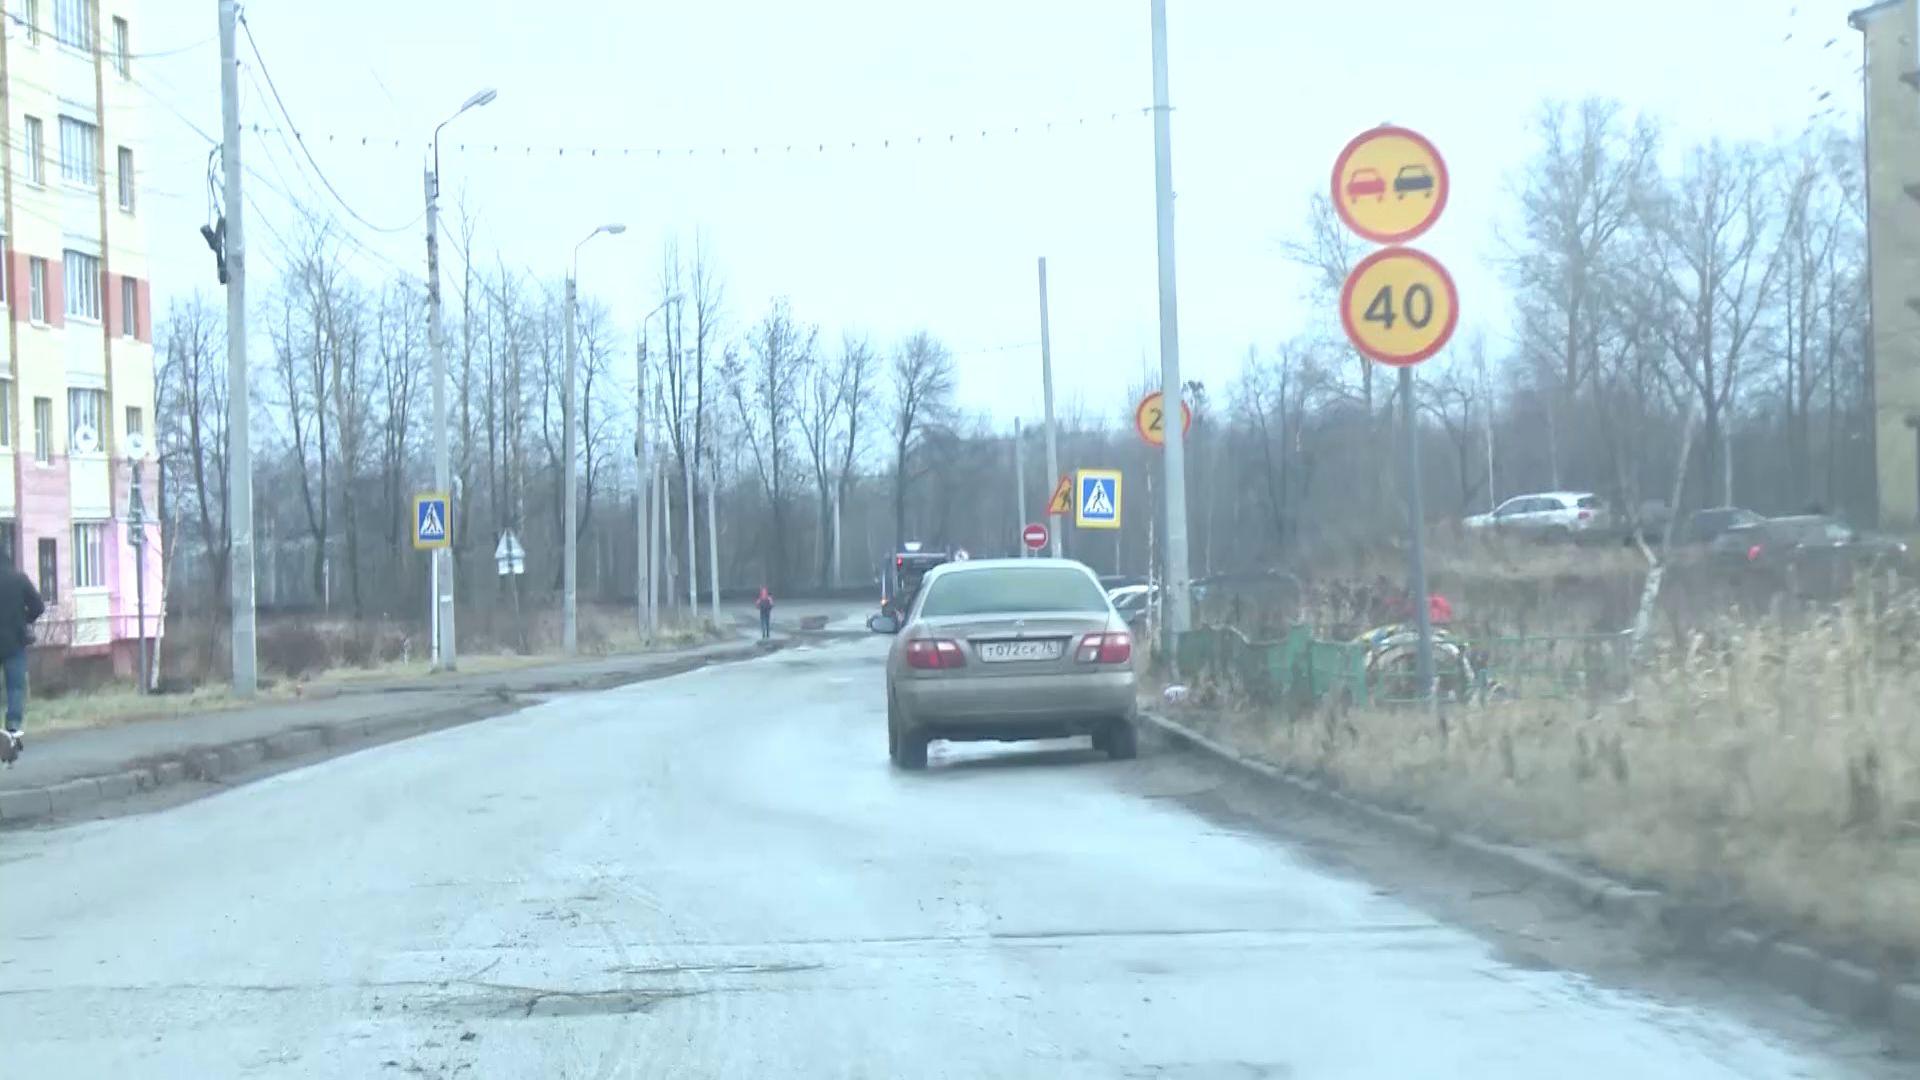 Ярославские водители настаивают на изменении работы светофоров из-за ремонта Тутаевского шоссе